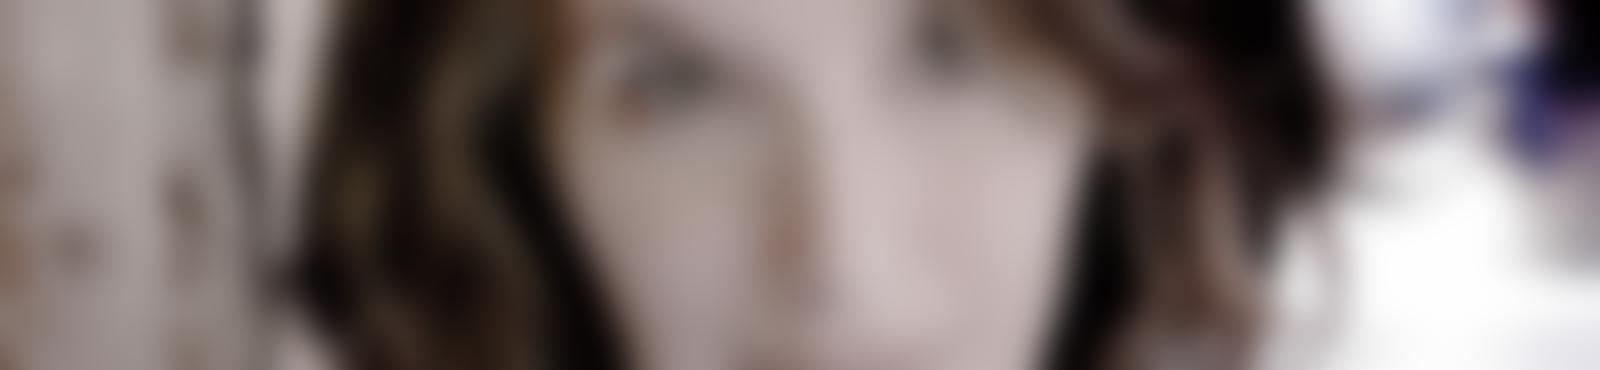 Blurred 55ec1e58 db3f 4989 a49e efe16efe812a